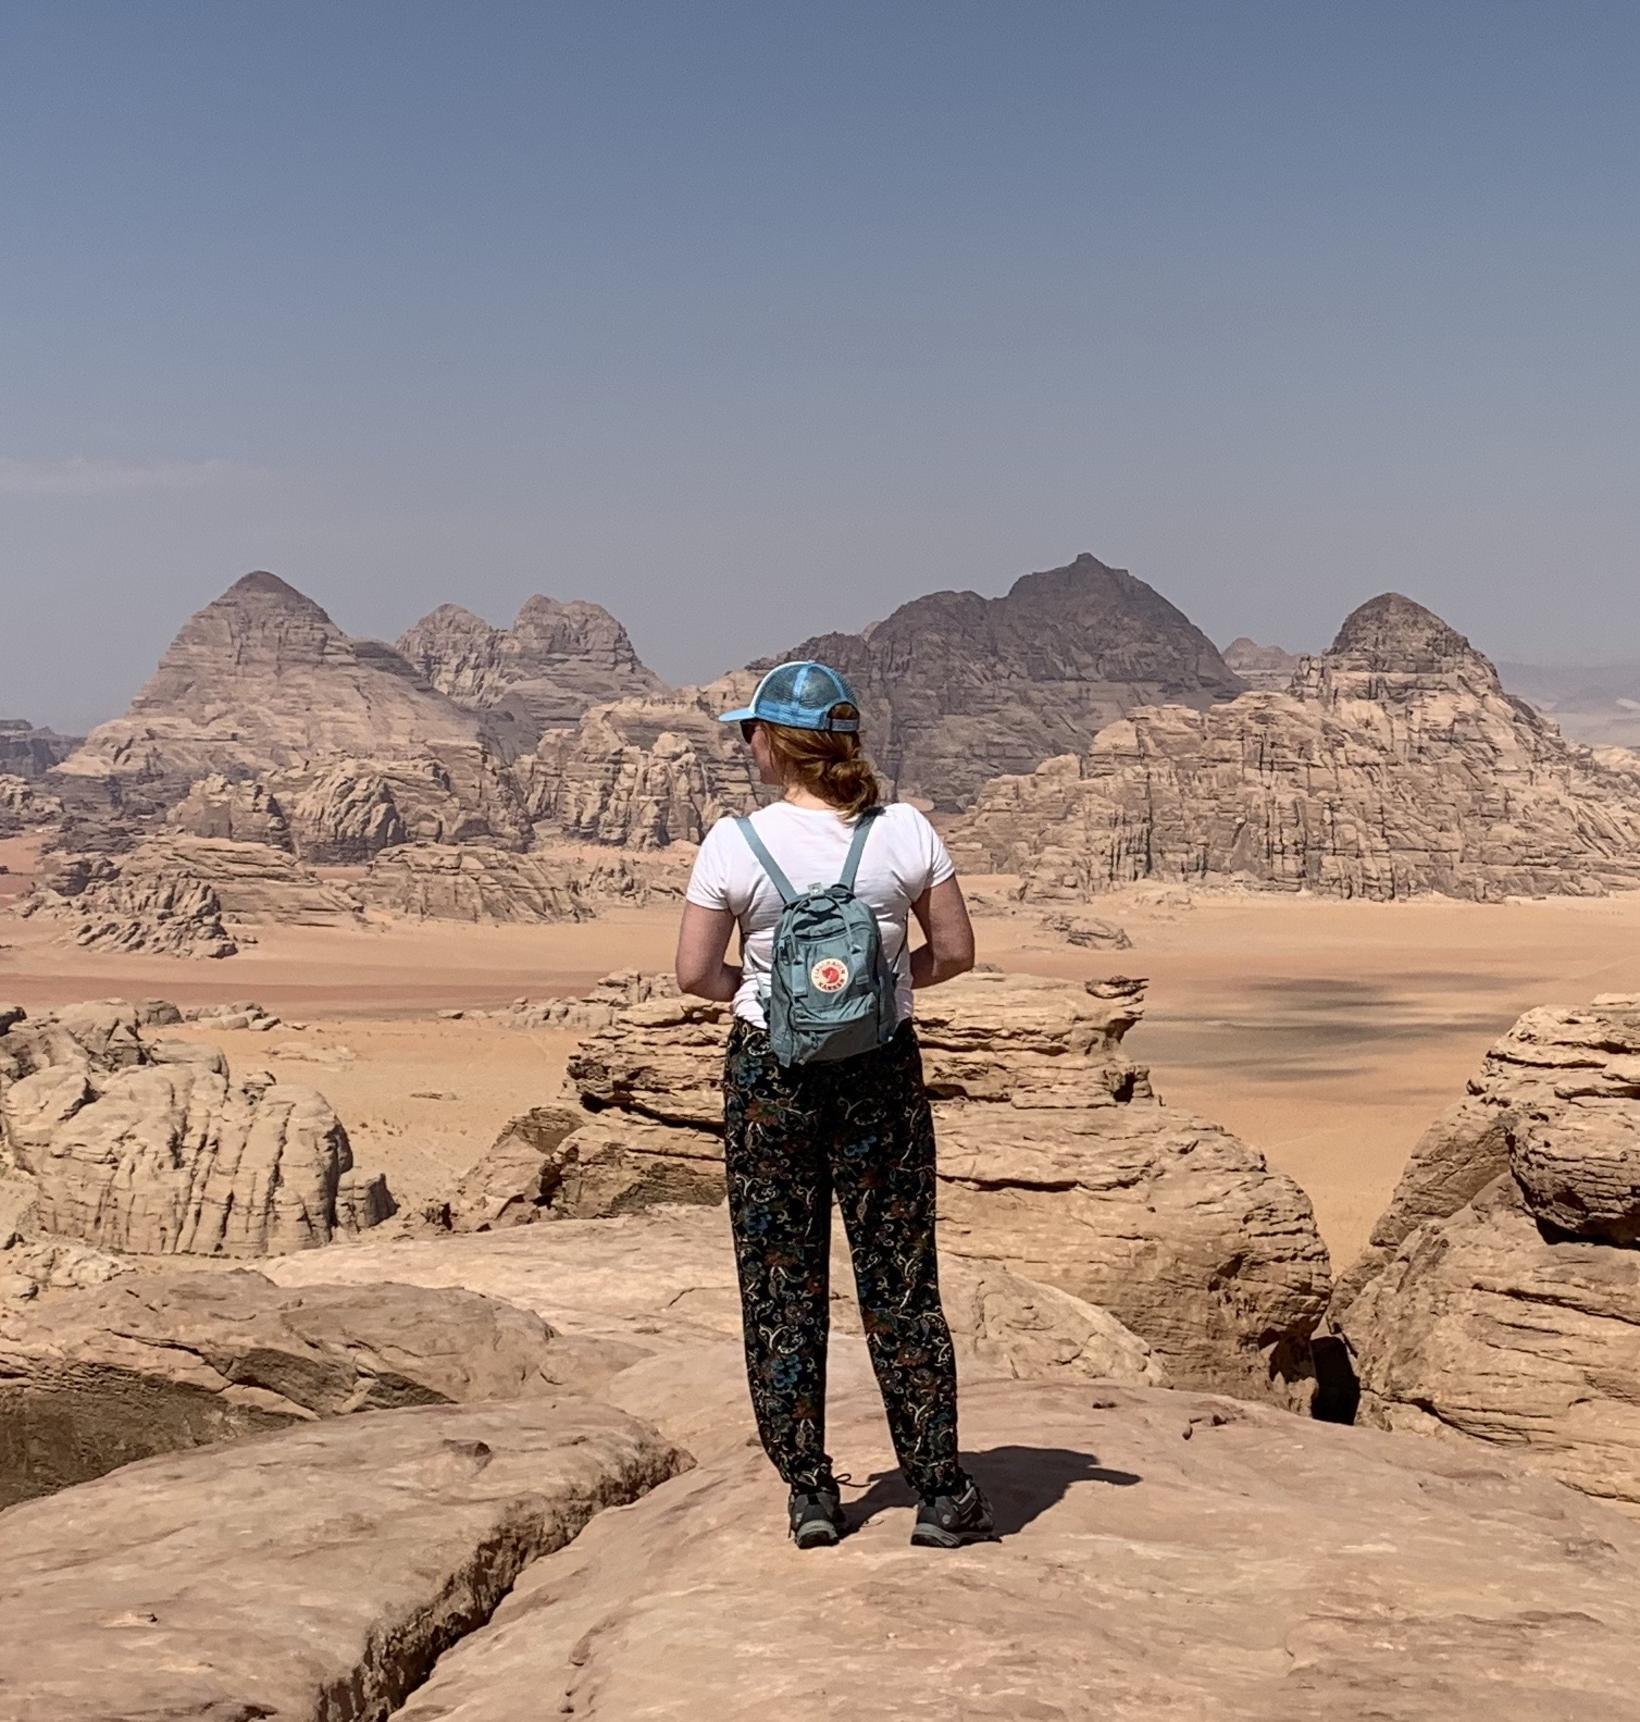 Valgerður á Jebel Burda í Wadi Rum-þjóðgarðinum í Jórdaníu.